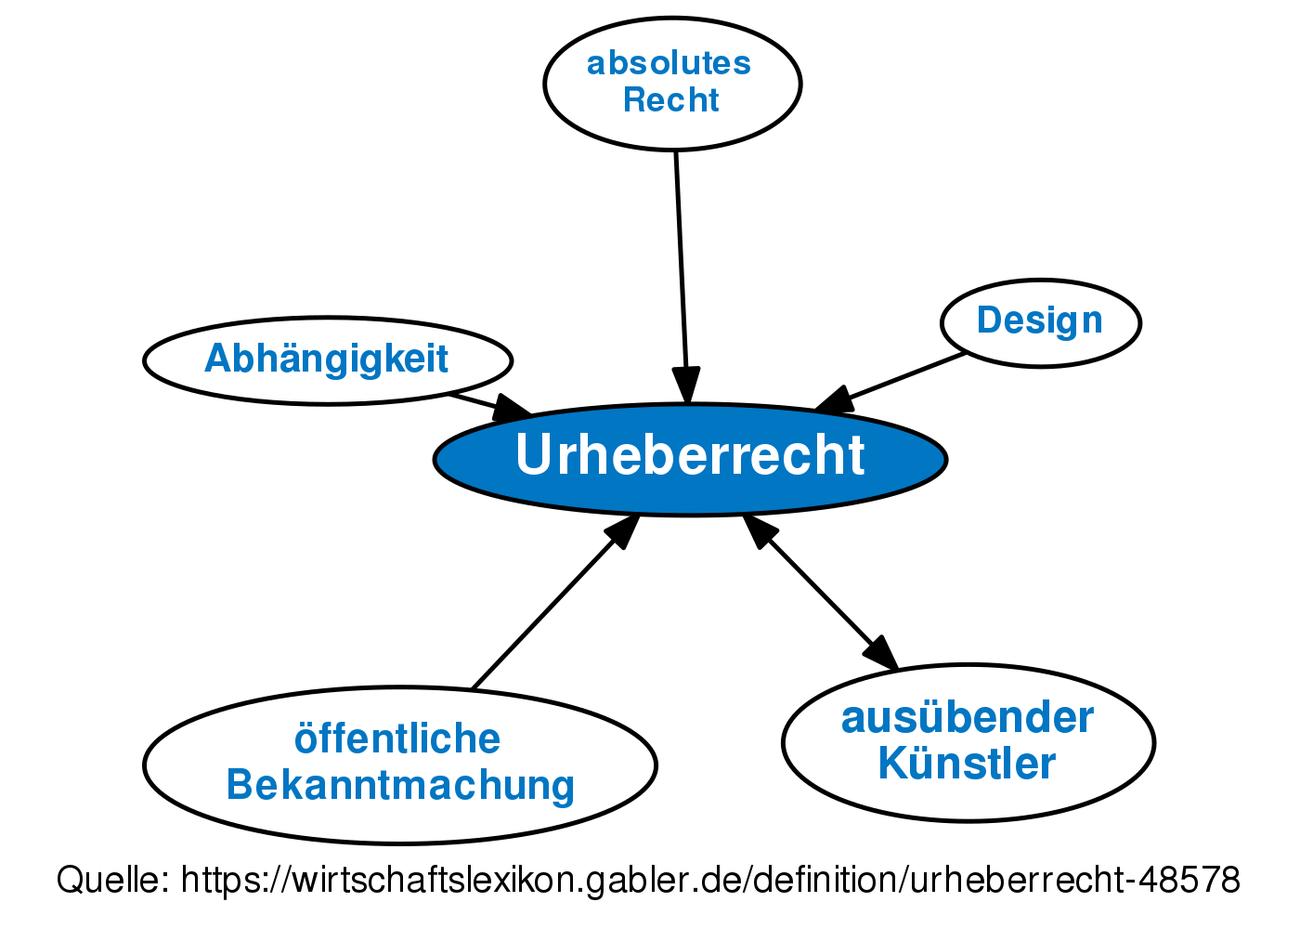 ᐅ Urheberrecht • Definition im Gabler Wirtschaftslexikon Online